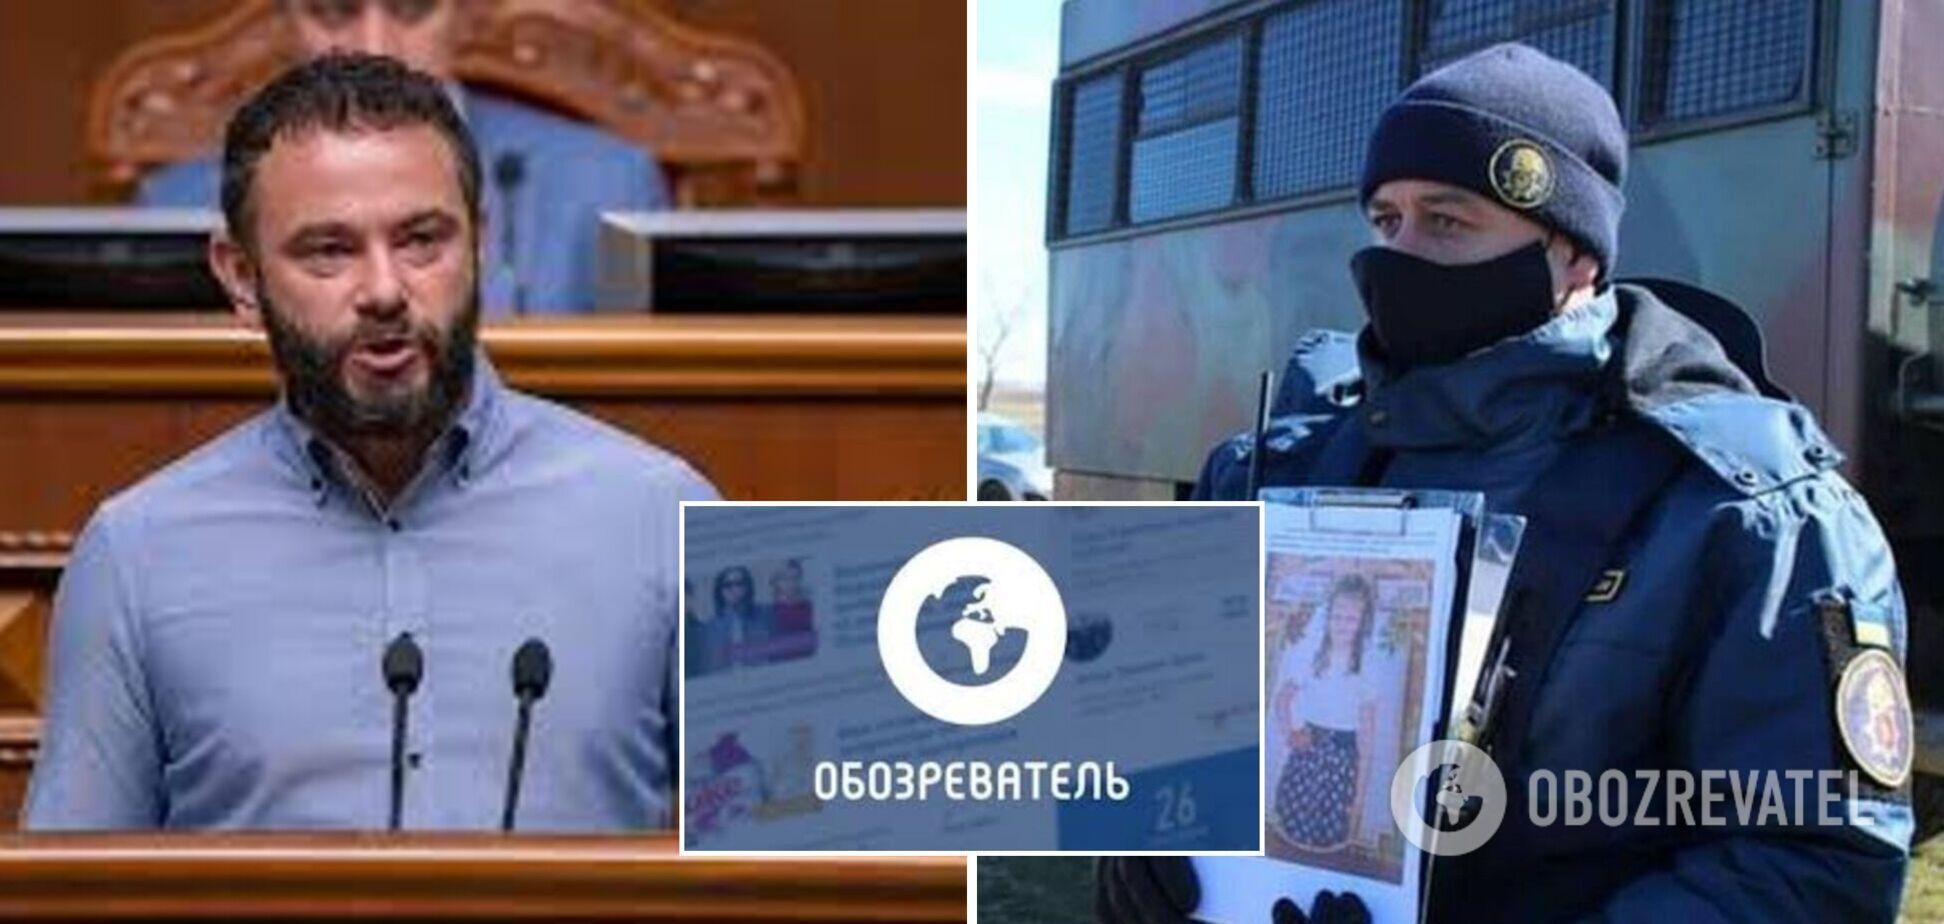 Новости Украины: задержан подозреваемый в убийстве Маши Борисовой и скандал с Дубинским